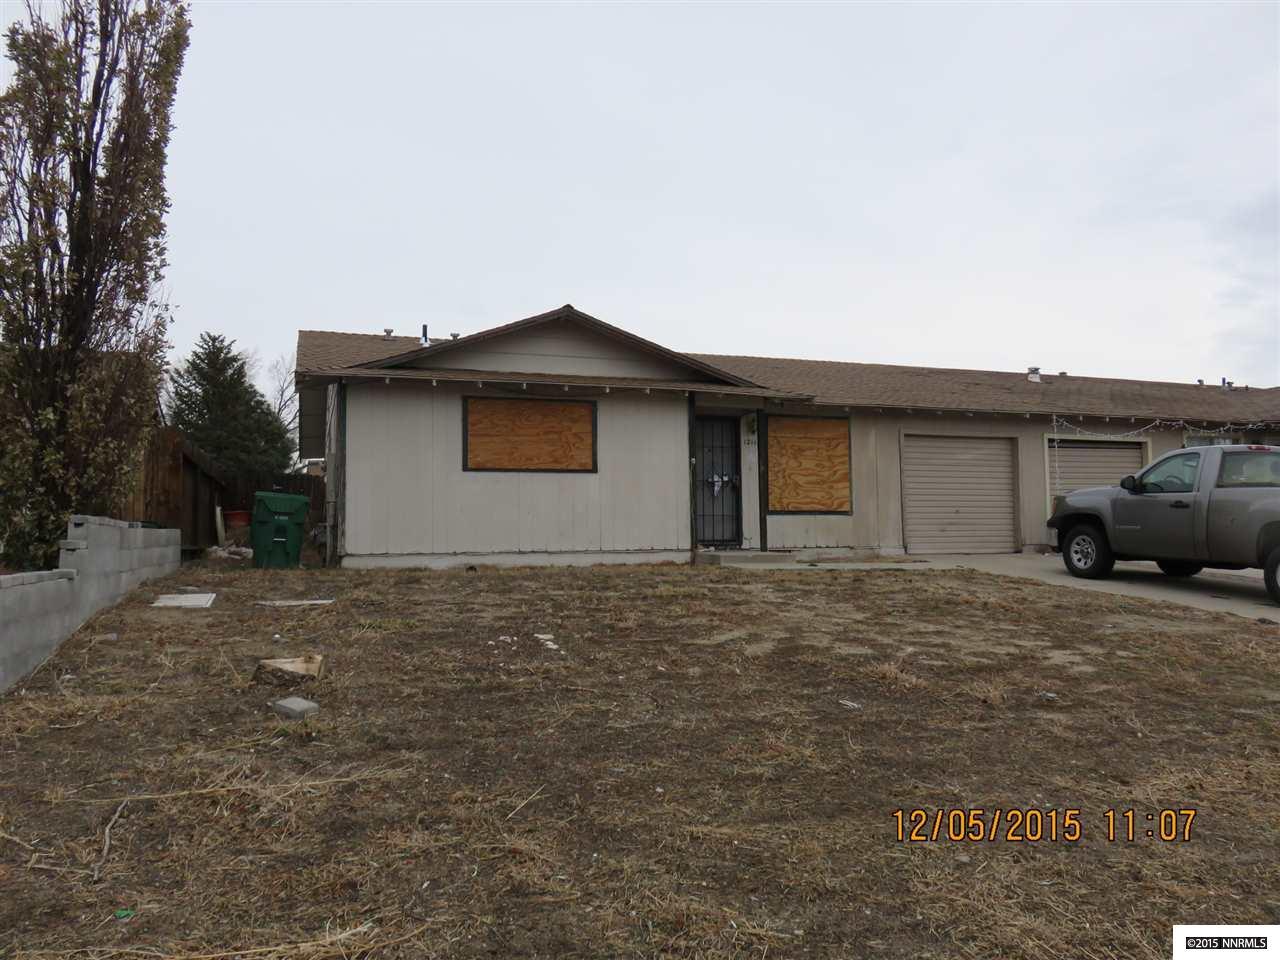 12111 Mt Anderson, Reno, NV